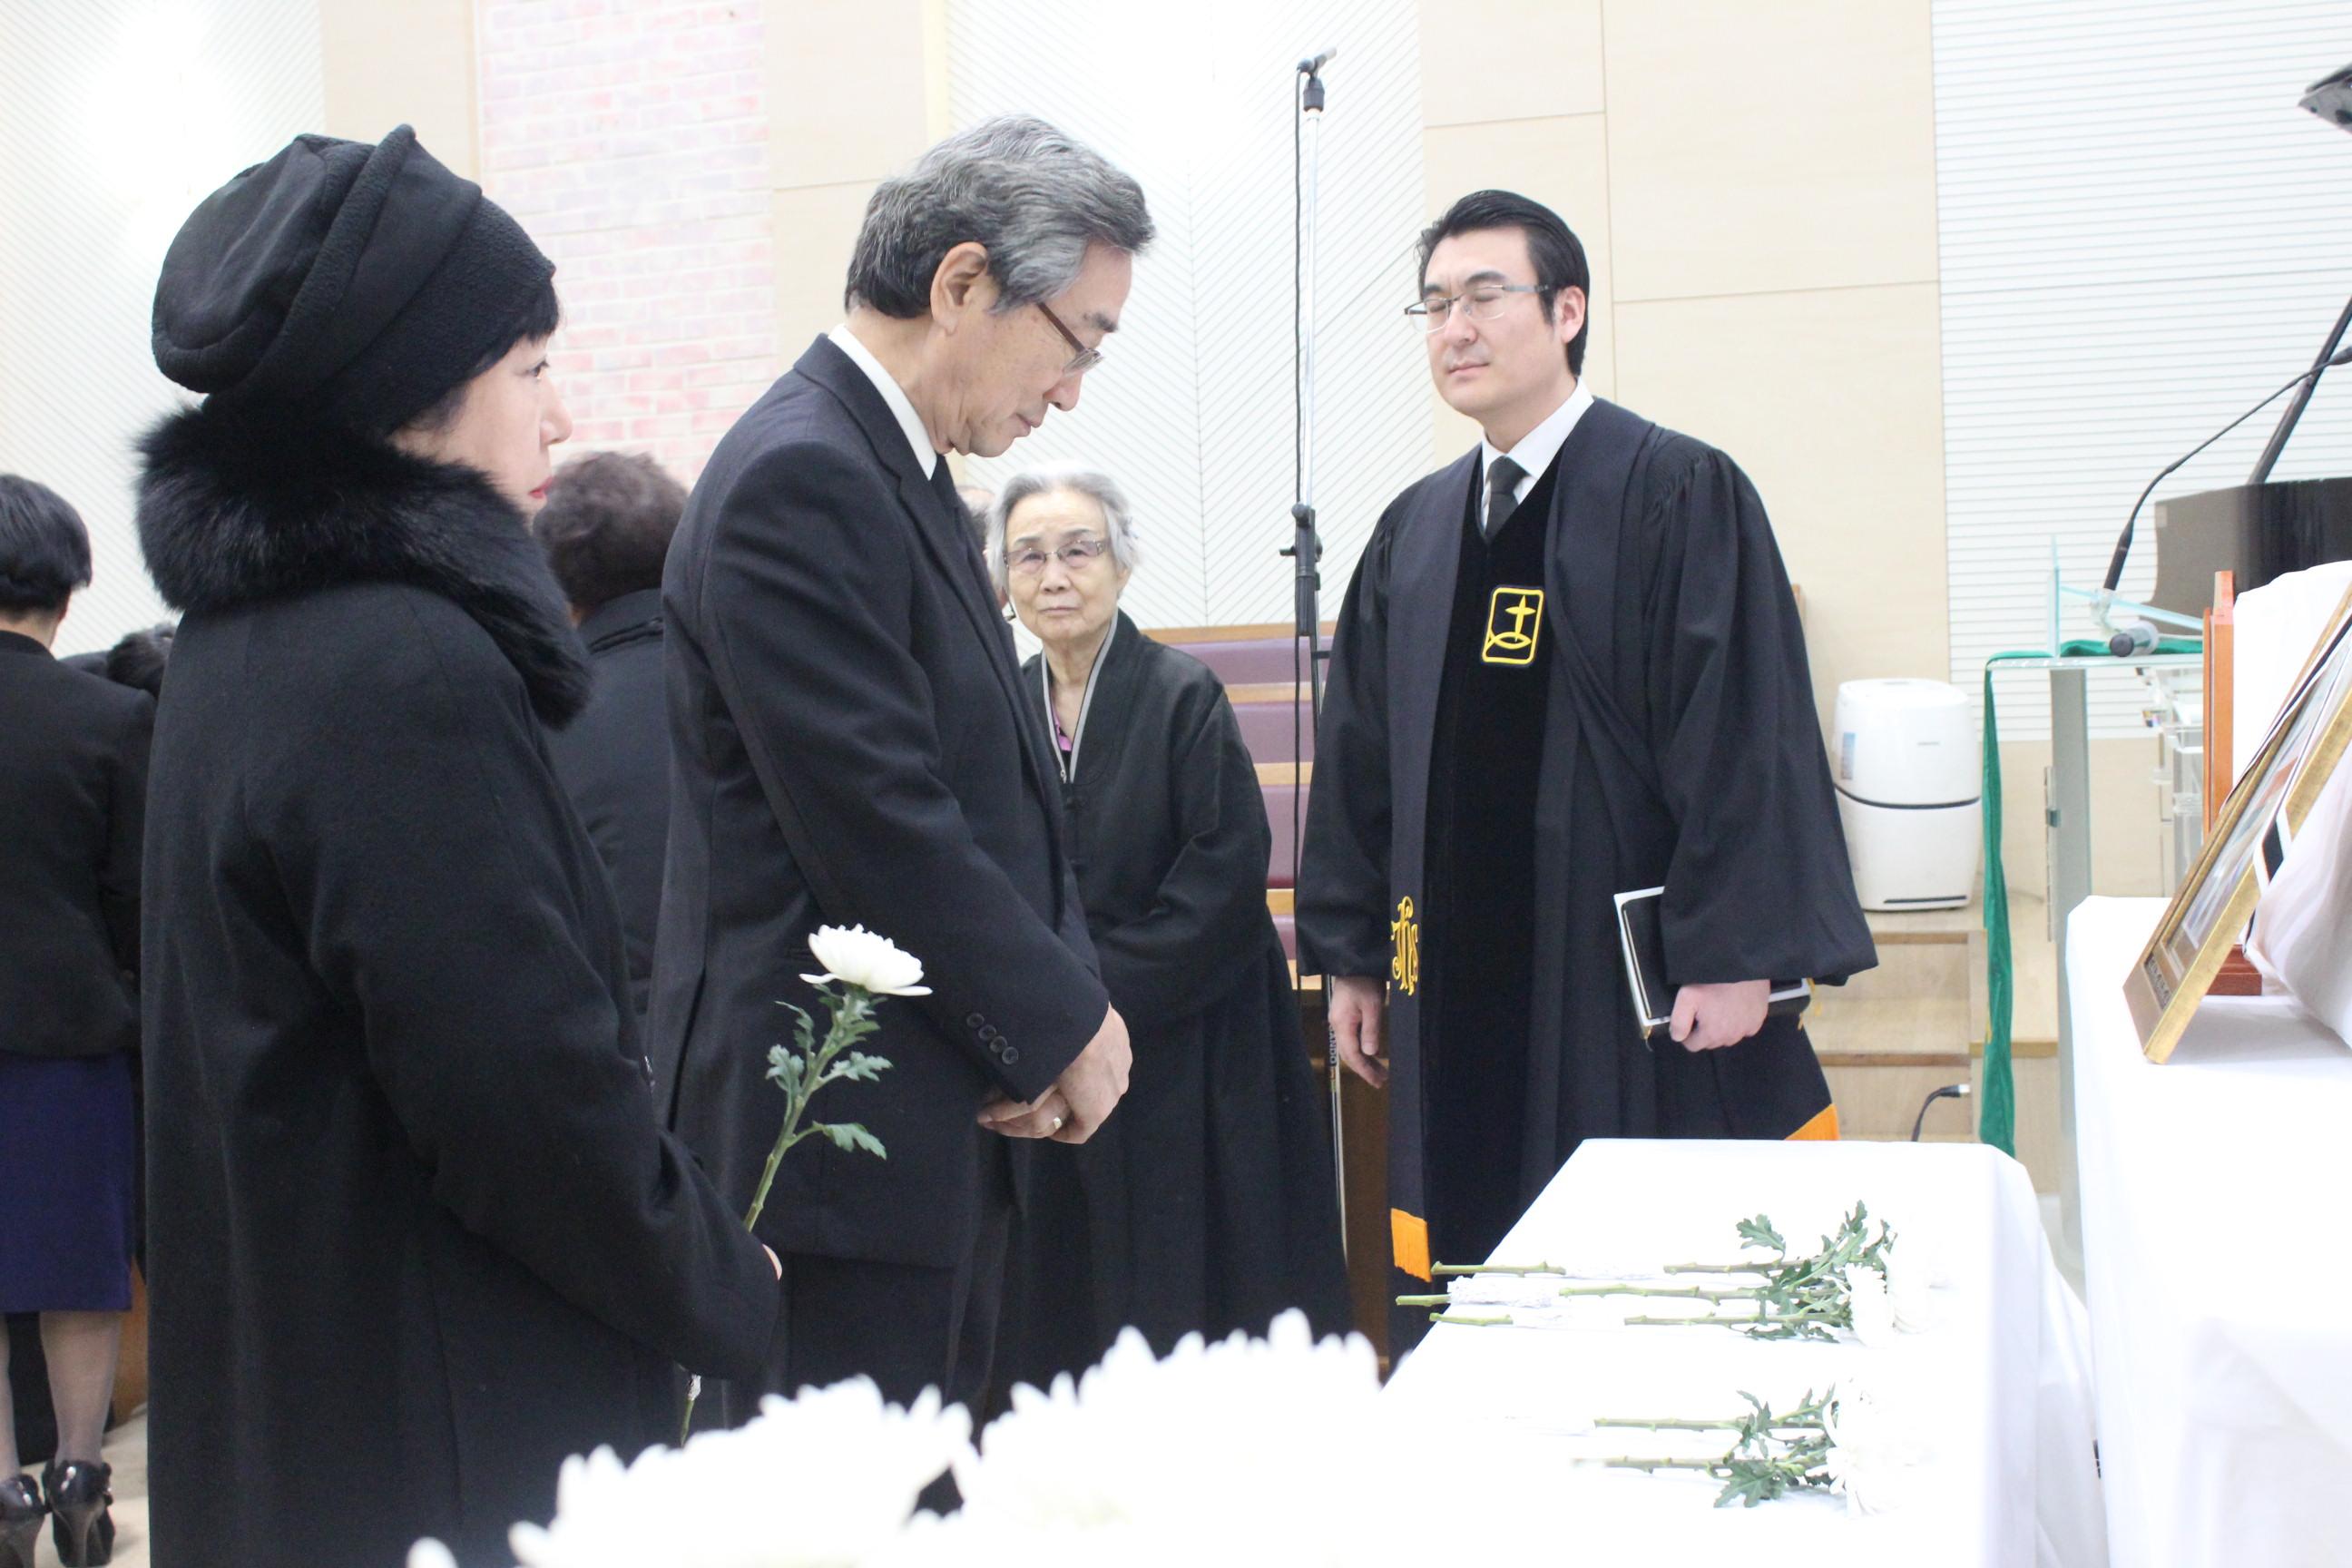 백승엽 장로님 장례예식